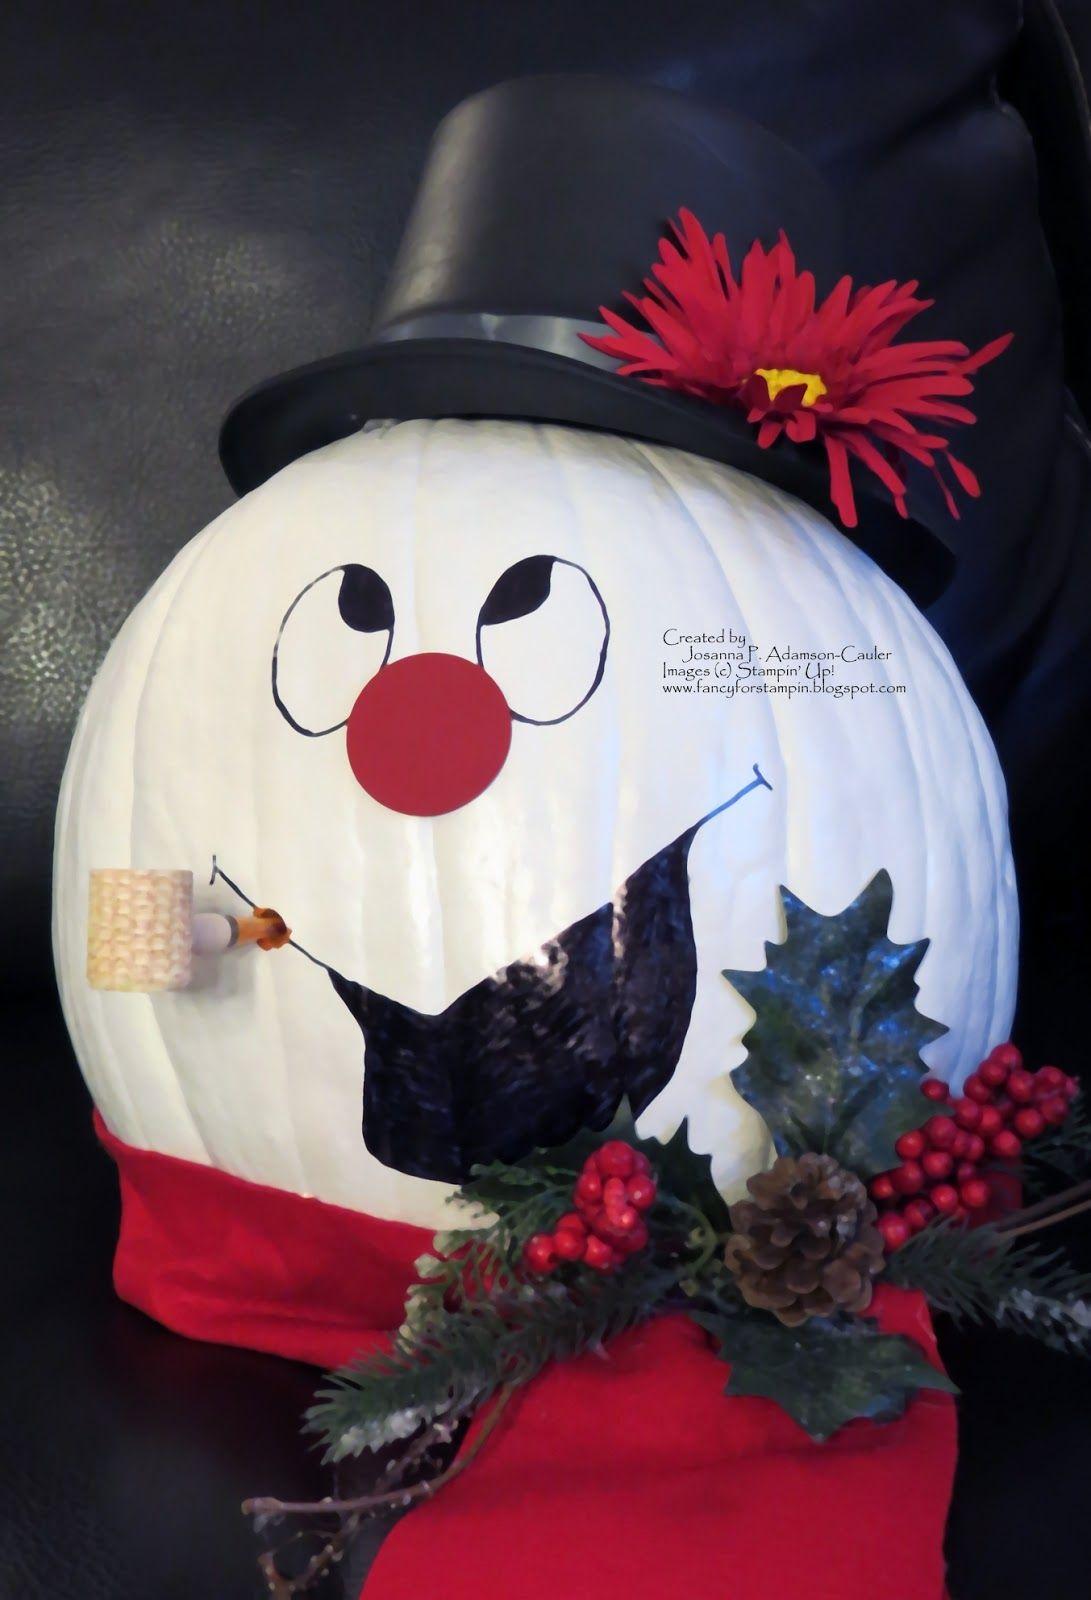 fancy for stampin christmas pumpkin pumpkin decorating contest halloween pumpkins christmas pumpkins - Decorating Pumpkins For Christmas Ideas